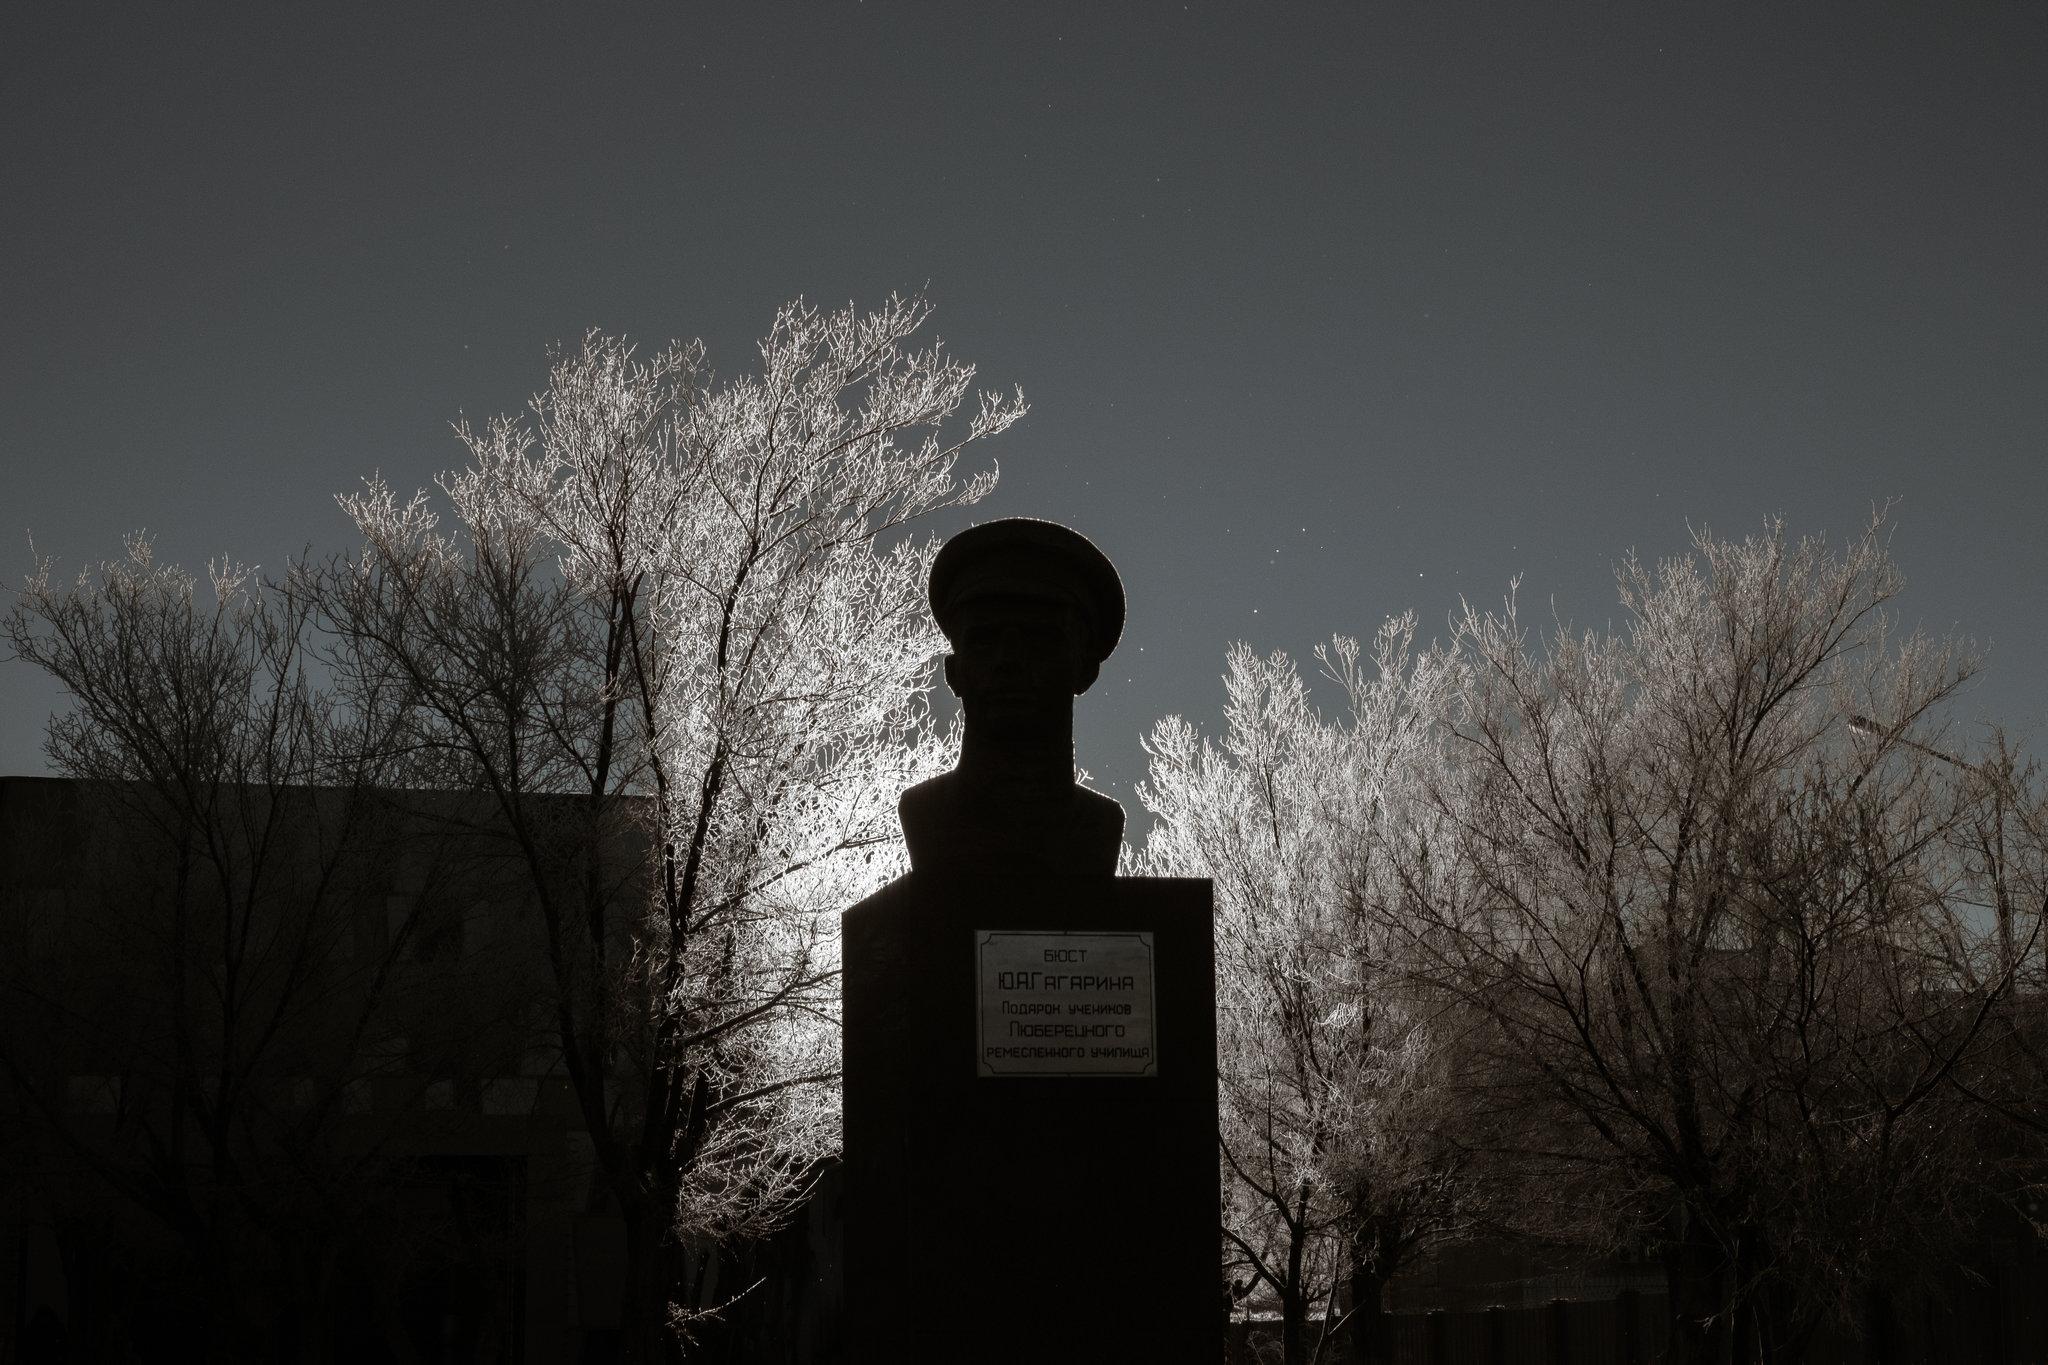 Kosmodrom müzesinin avlusunda Yuri Gagarin büstü. Işık arkadan vuruyor ve silüet görünümünde.